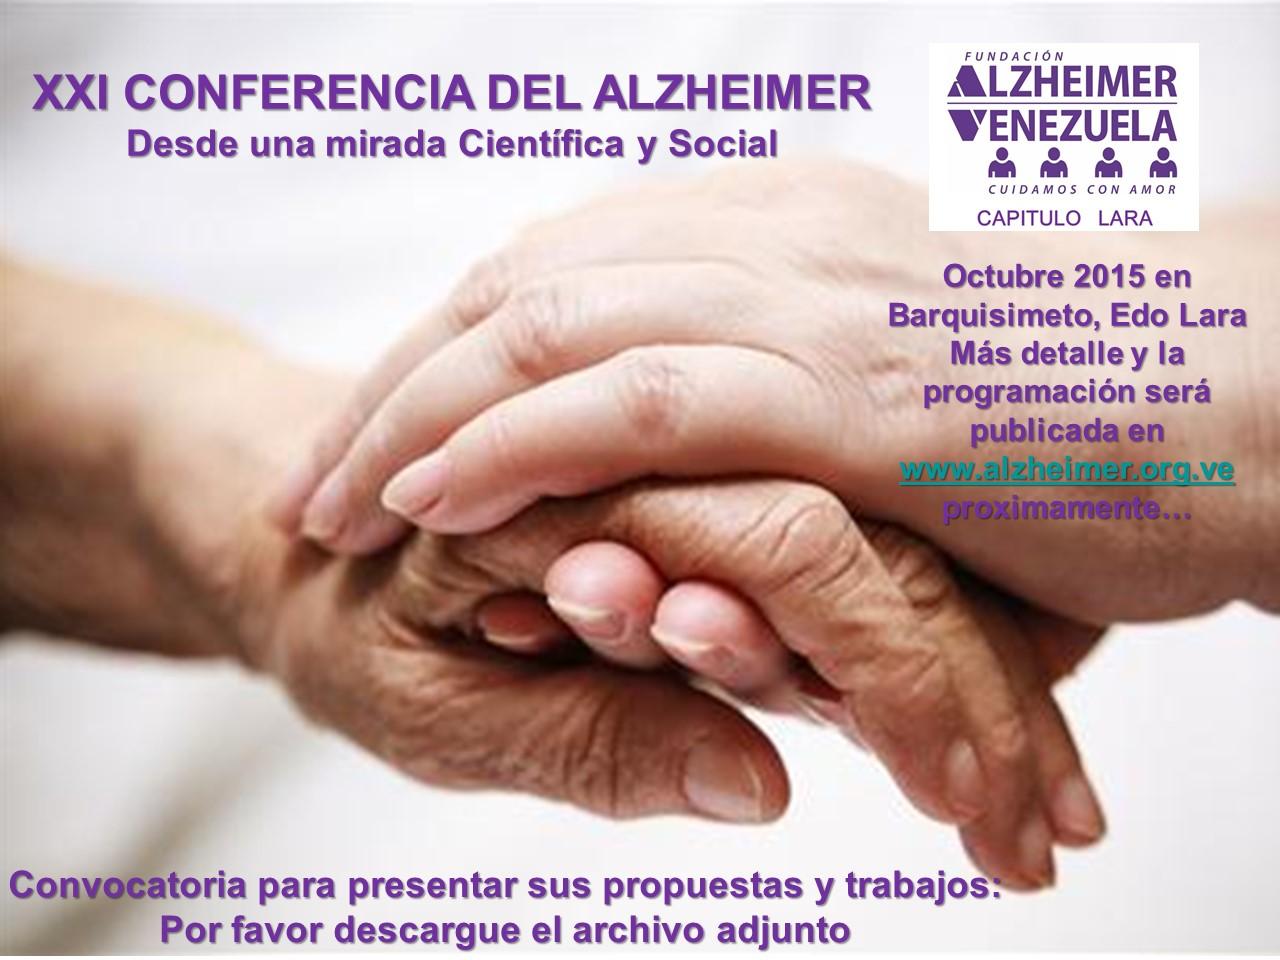 Afiche XXI Conferencia del Alzheimer